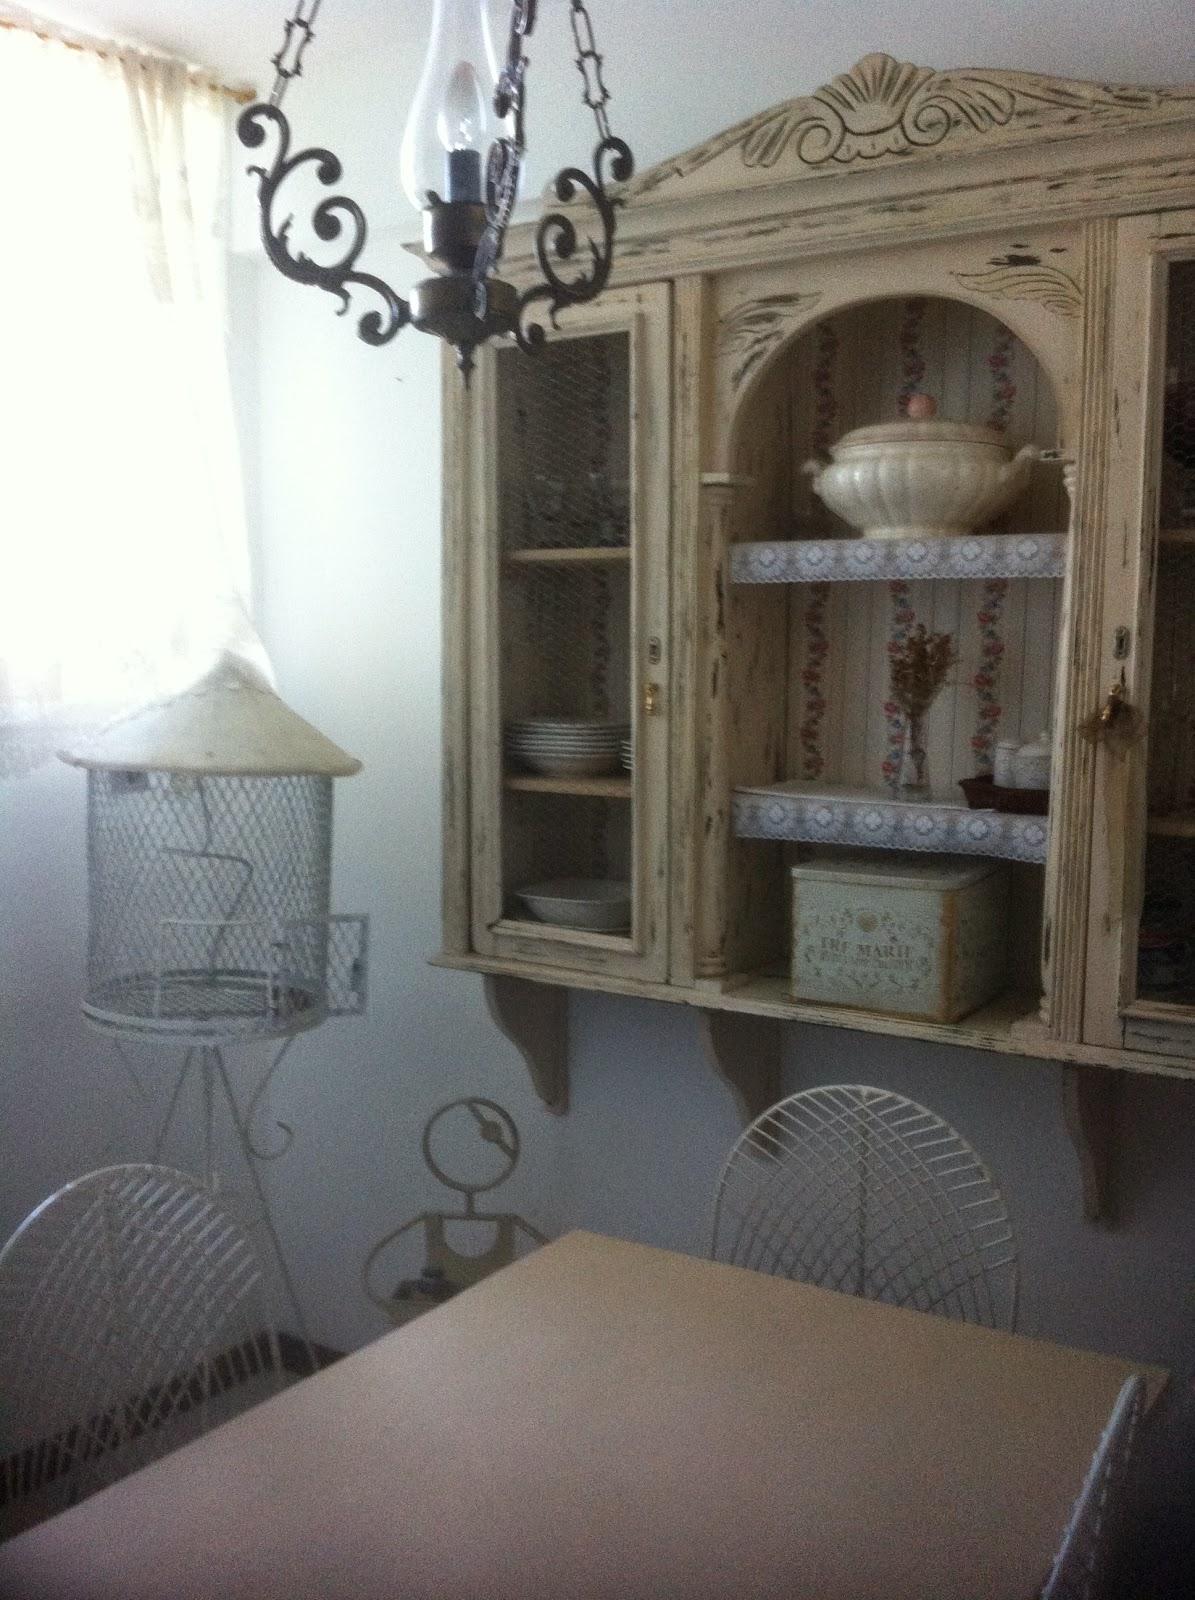 Imagenes de muebles coloniales for Mueble colonial barcelona